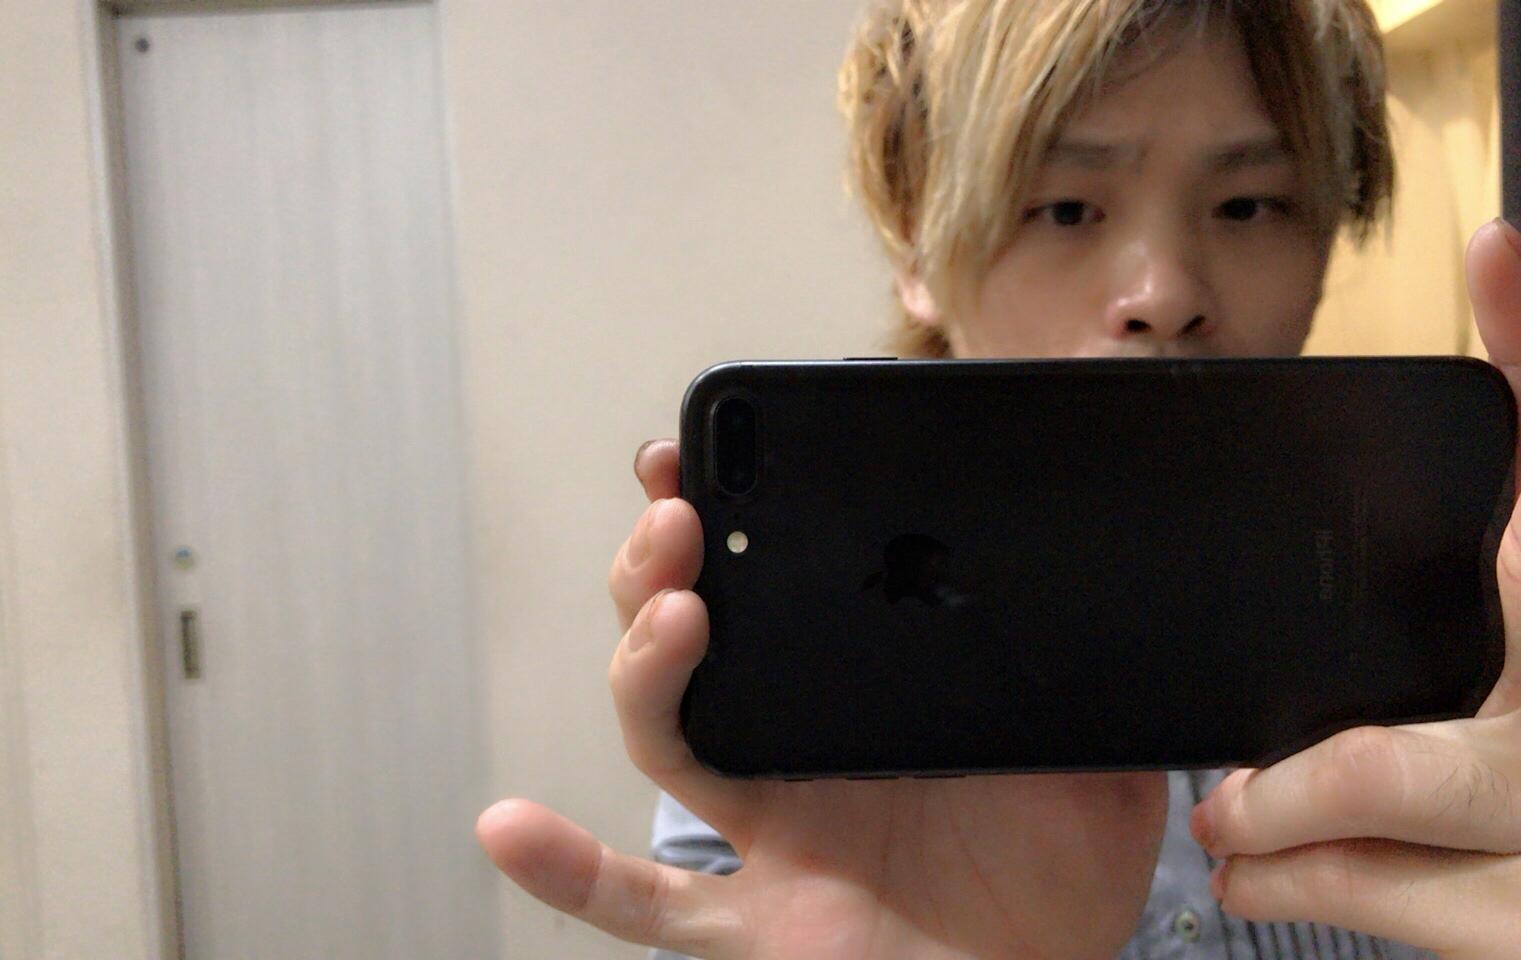 僕はiPhone7 Plus ブラックの256GB。なぜなら、、